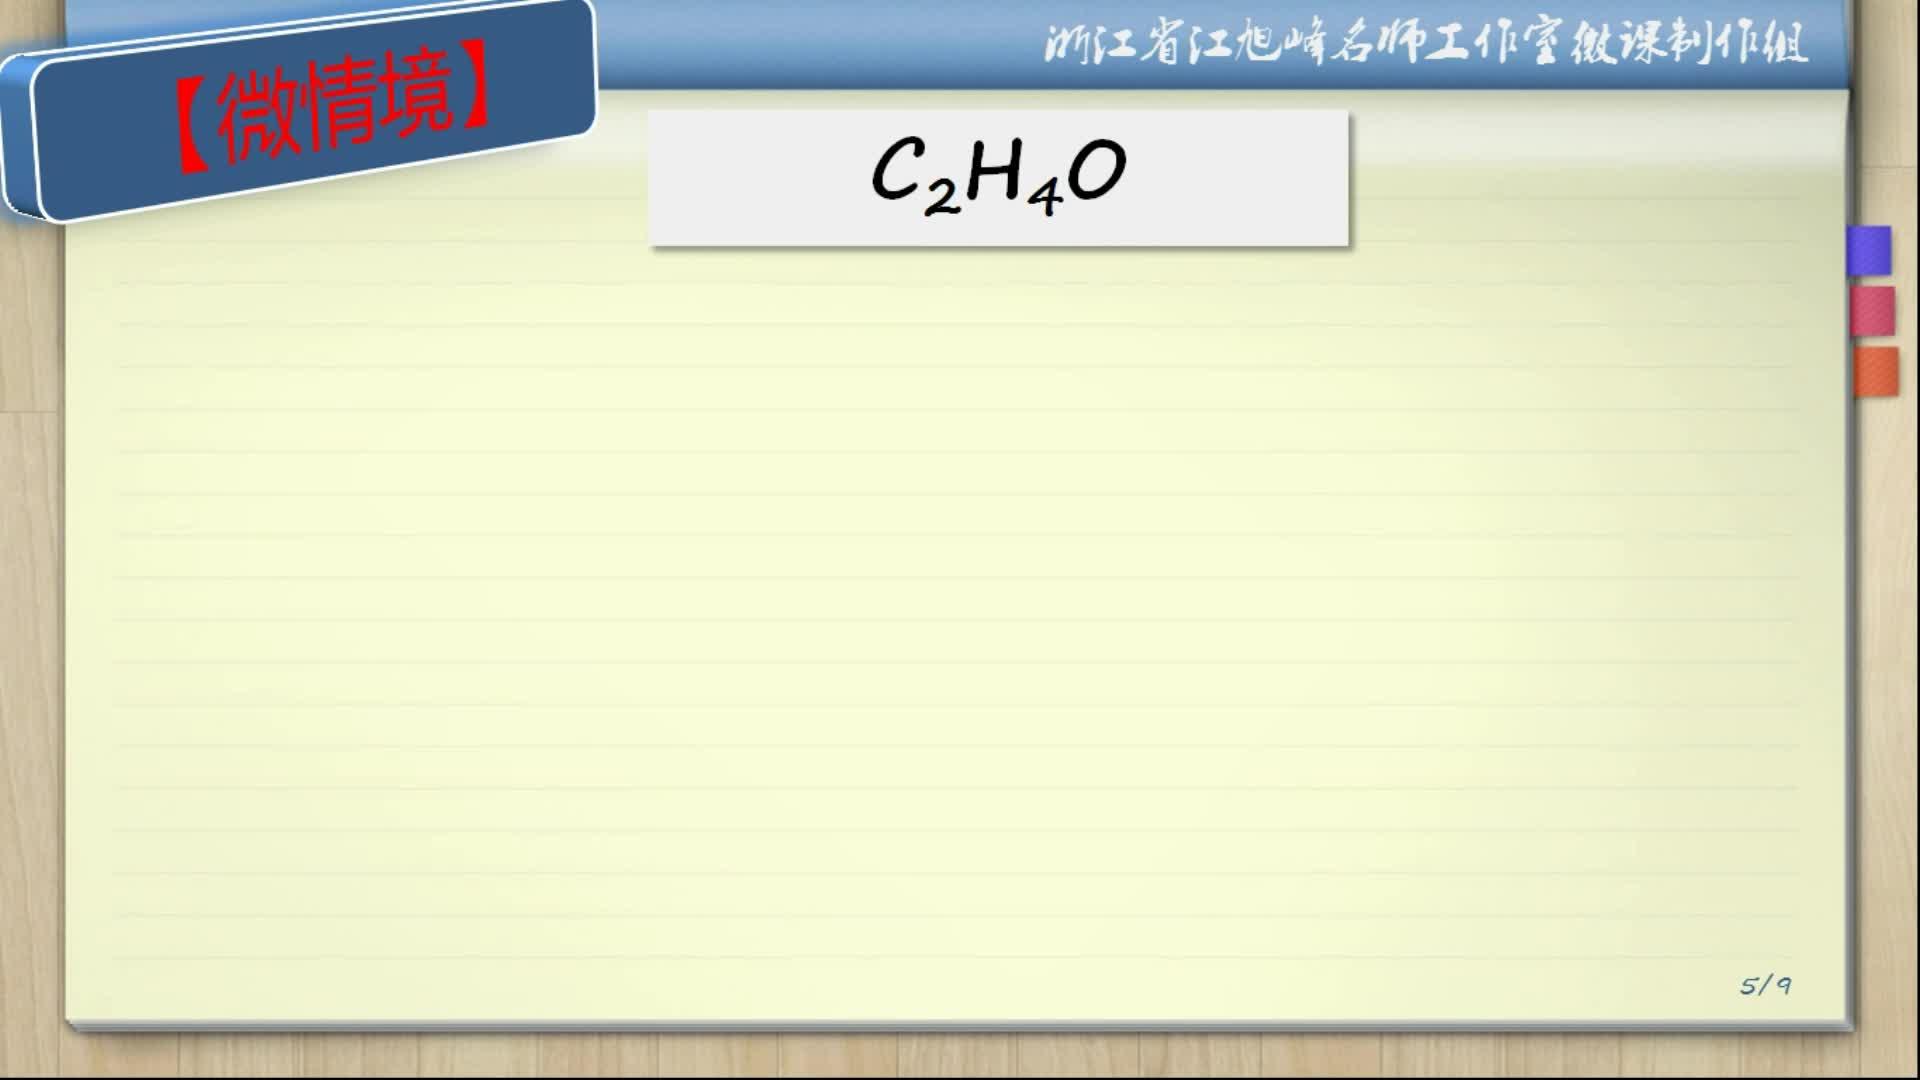 【名师微课】高中化学有机化学基础重、难点知识梳理(解题策略+反思归纳)精彩讲解视频:烃的衍生物类同分异构体的书写